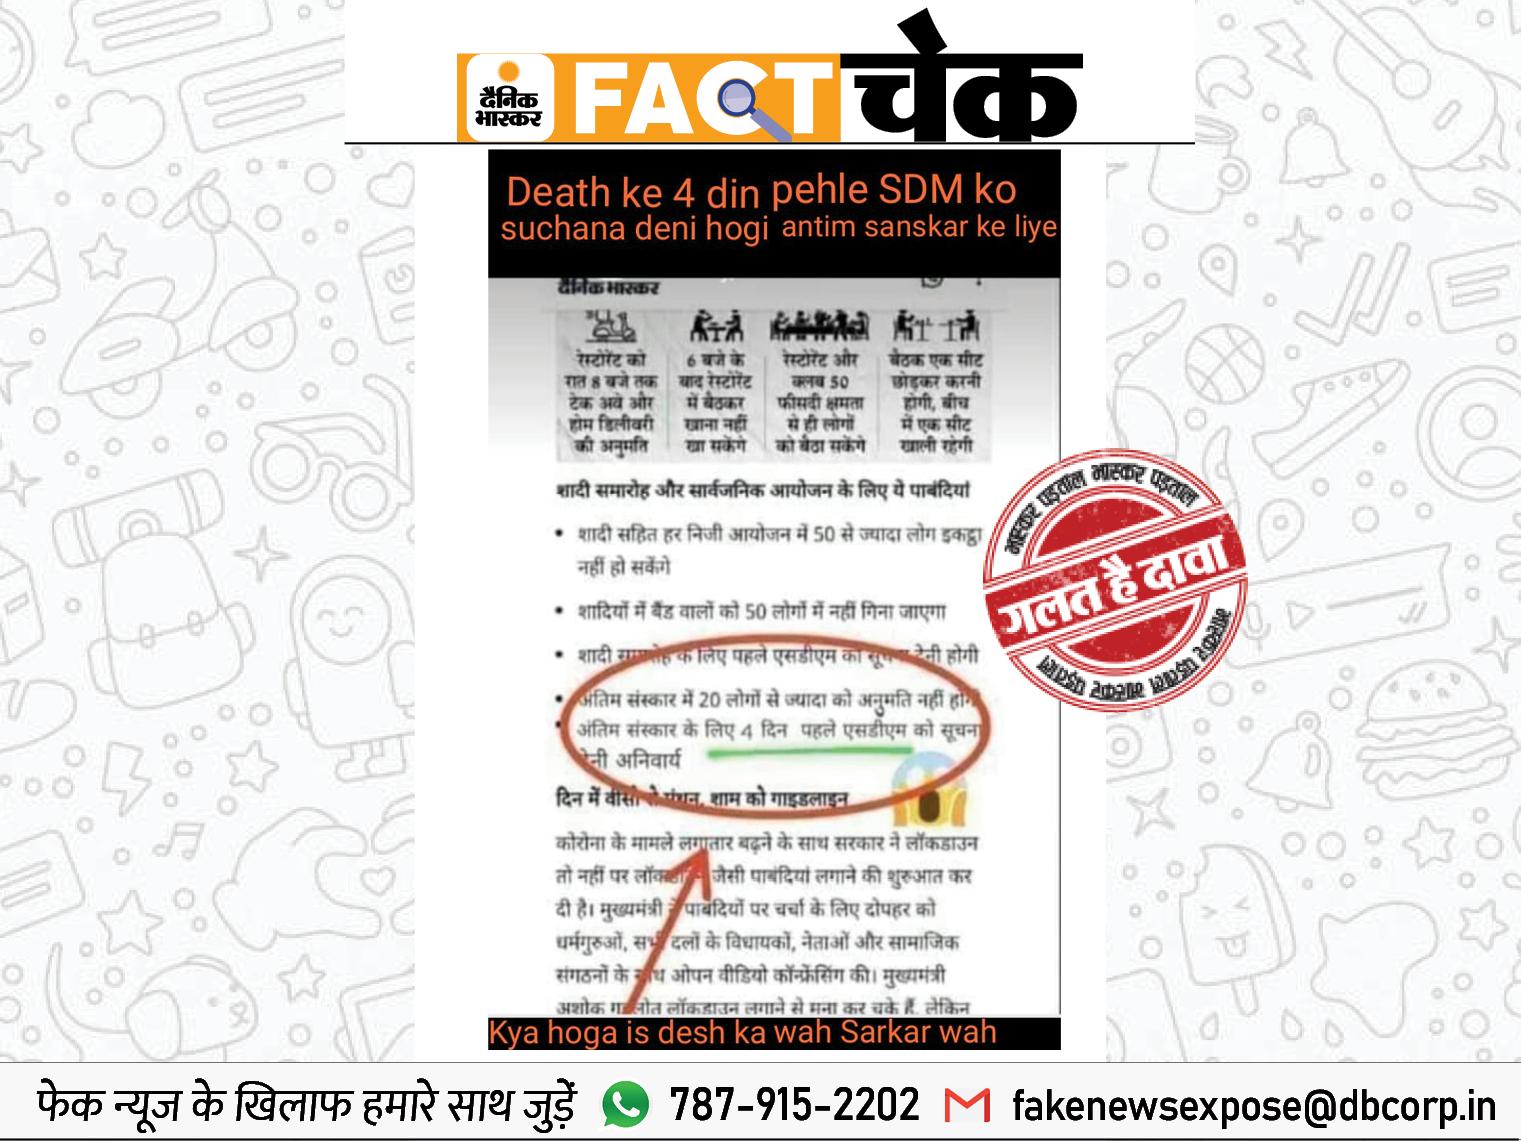 दैनिक भास्कर के नाम से वायरल हो रही कोरोना की फर्जी गाइडलाइन; जानिए क्या है इसकी सच्चाई फेक न्यूज़ एक्सपोज़,Fake News Expose - Dainik Bhaskar